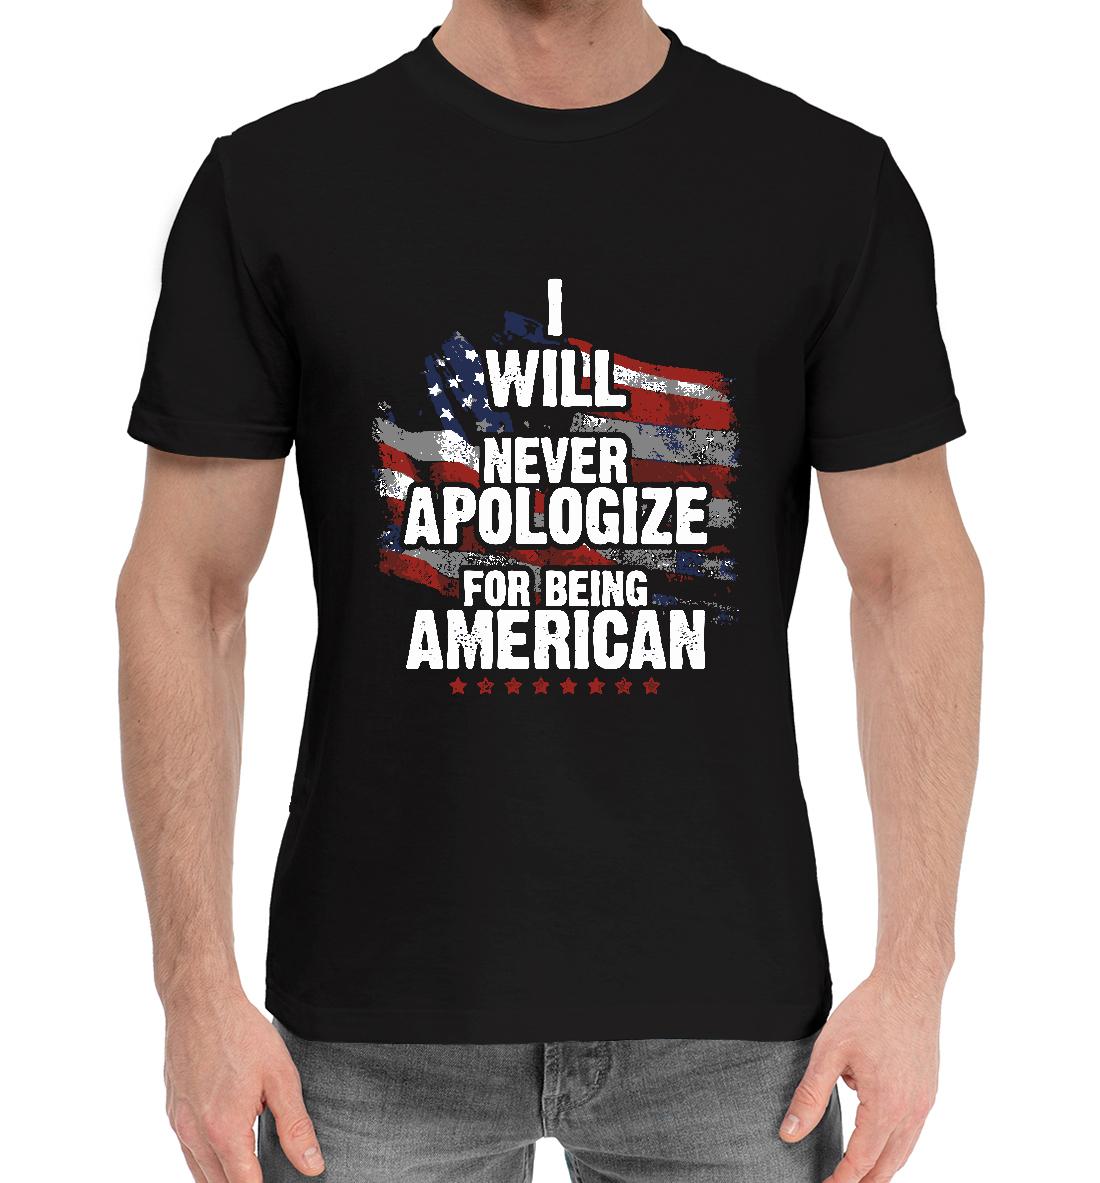 Фото - Я Американец смирнов николай григорьевич джек восьмеркин американец